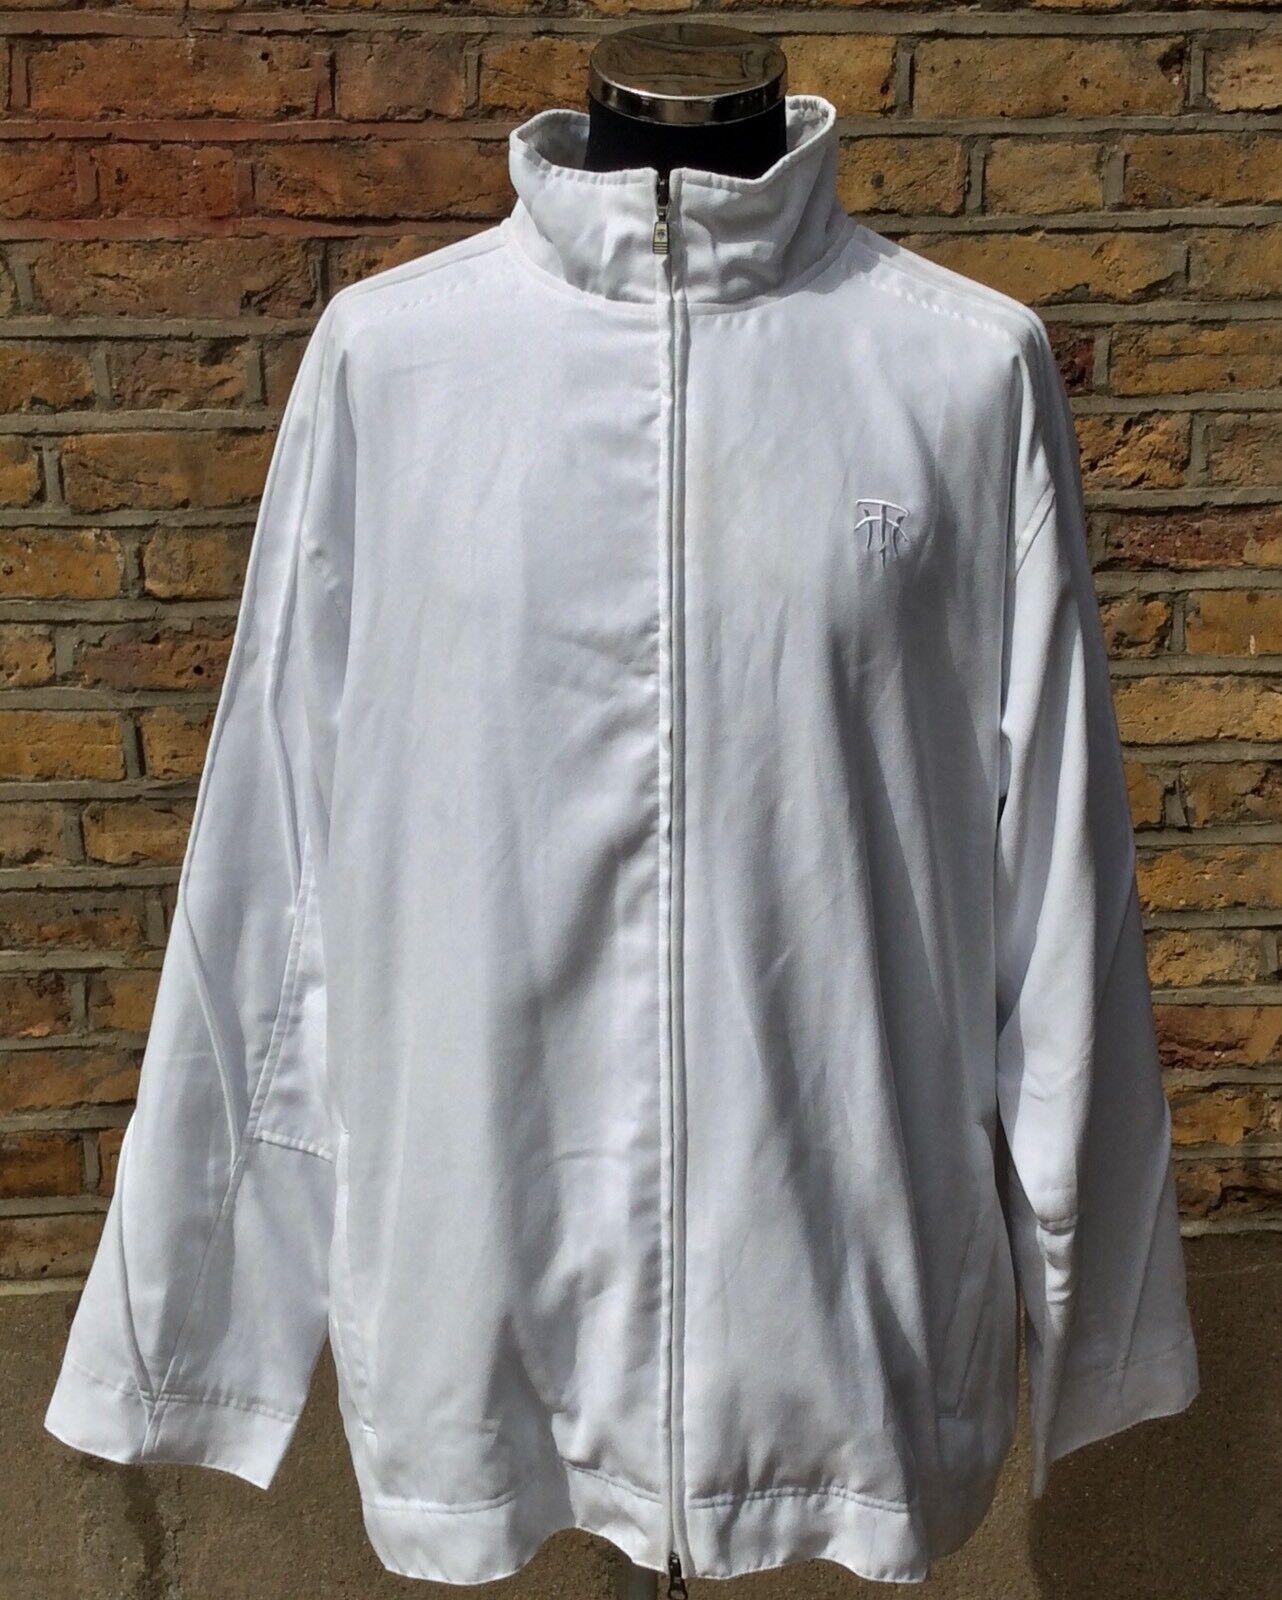 Adidas Tracy McGrady Raro T-Mac para  hombre blancoo Chaqueta de pista súperior Tamaño Extra Grande  Con 100% de calidad y servicio de% 100.